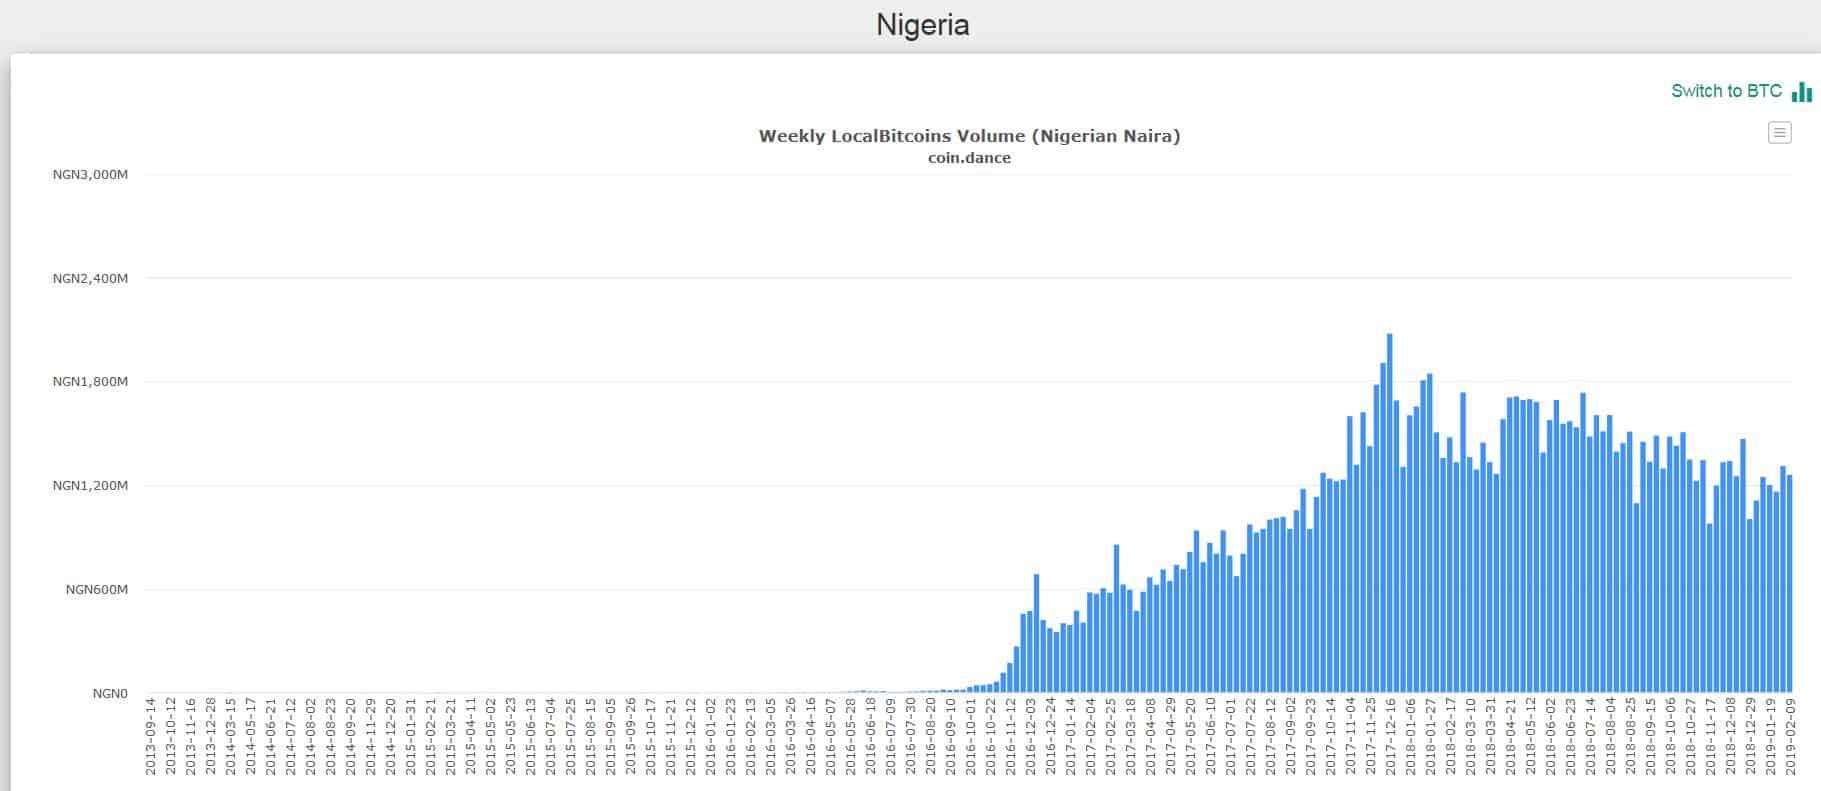 Nigeria Local BTC volume